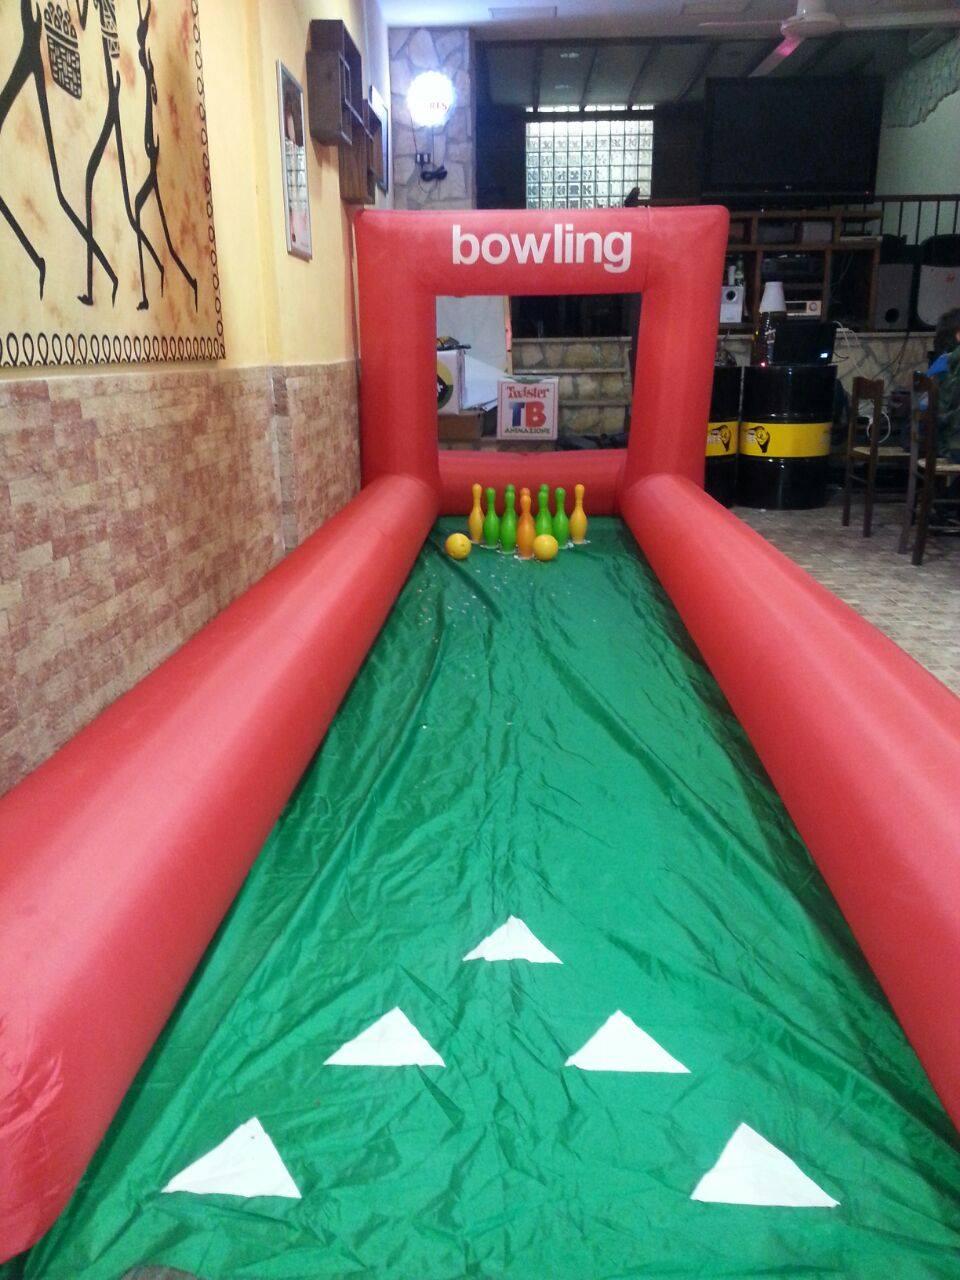 un bowling gonfiabile verde e rosso, uno dei nostri giochi speciali per bambini